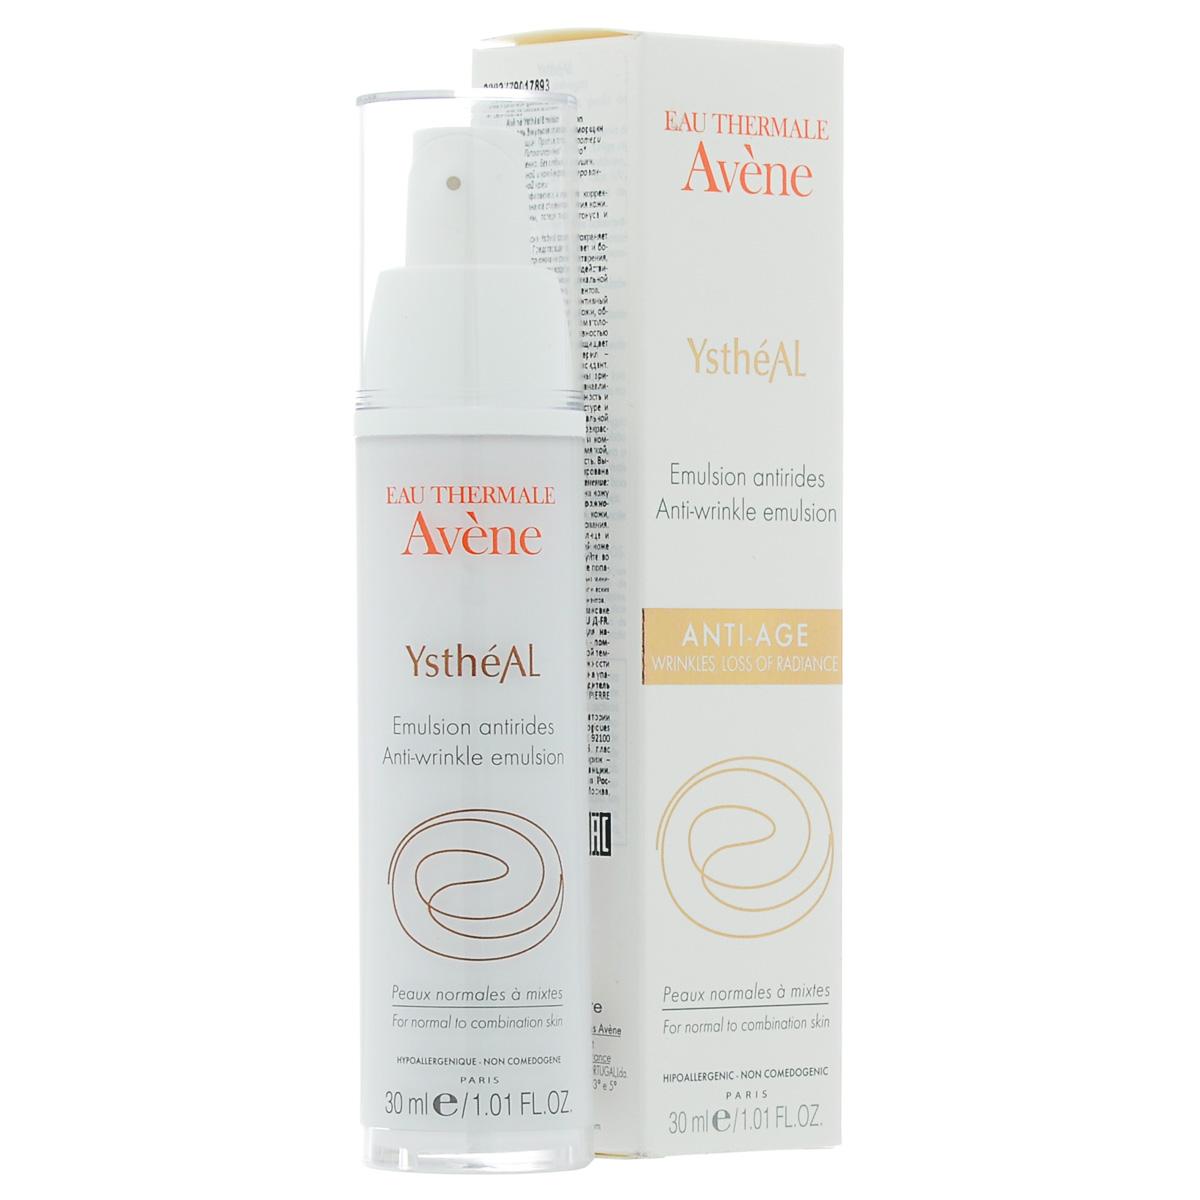 Avene Эмульсия от старения Ystheal+ для лица 30 млAC-2233_серыйРазглаживает морщинки, препятствует снижению тонуса кожи, придает коже сияние. Профилактика и коррекция первых морщин. Для нормальной и комбинированной кожи